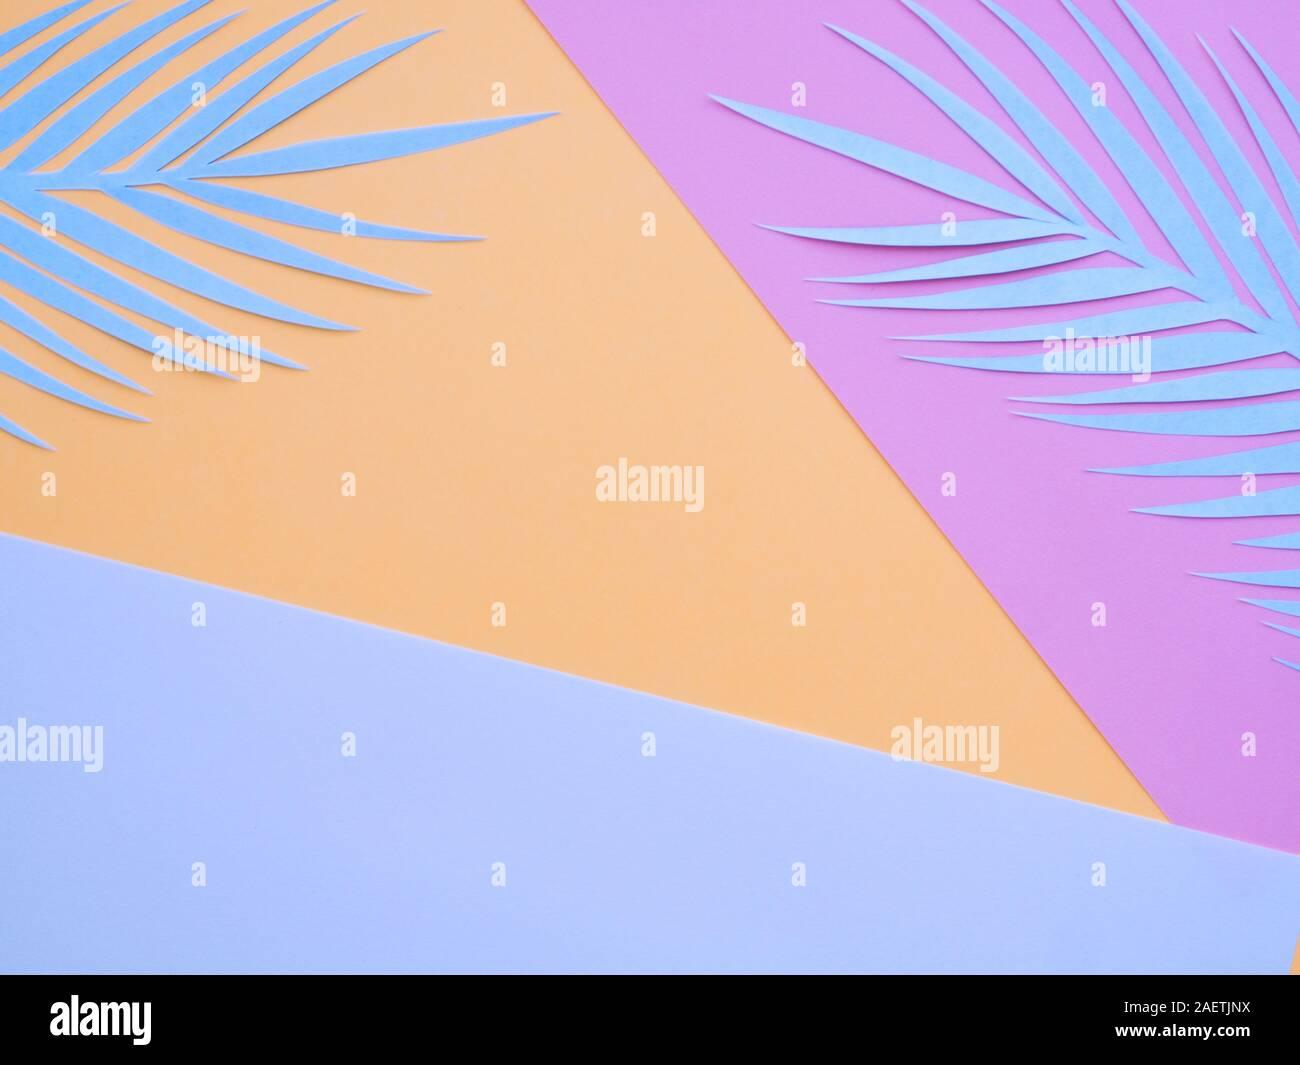 La texture du papier couleur pastel abstrait arrière-plan le minimalisme. Formes géométriques minimales et les lignes de la composition. Bleu, orange, rose papier couleur pastel geo Banque D'Images